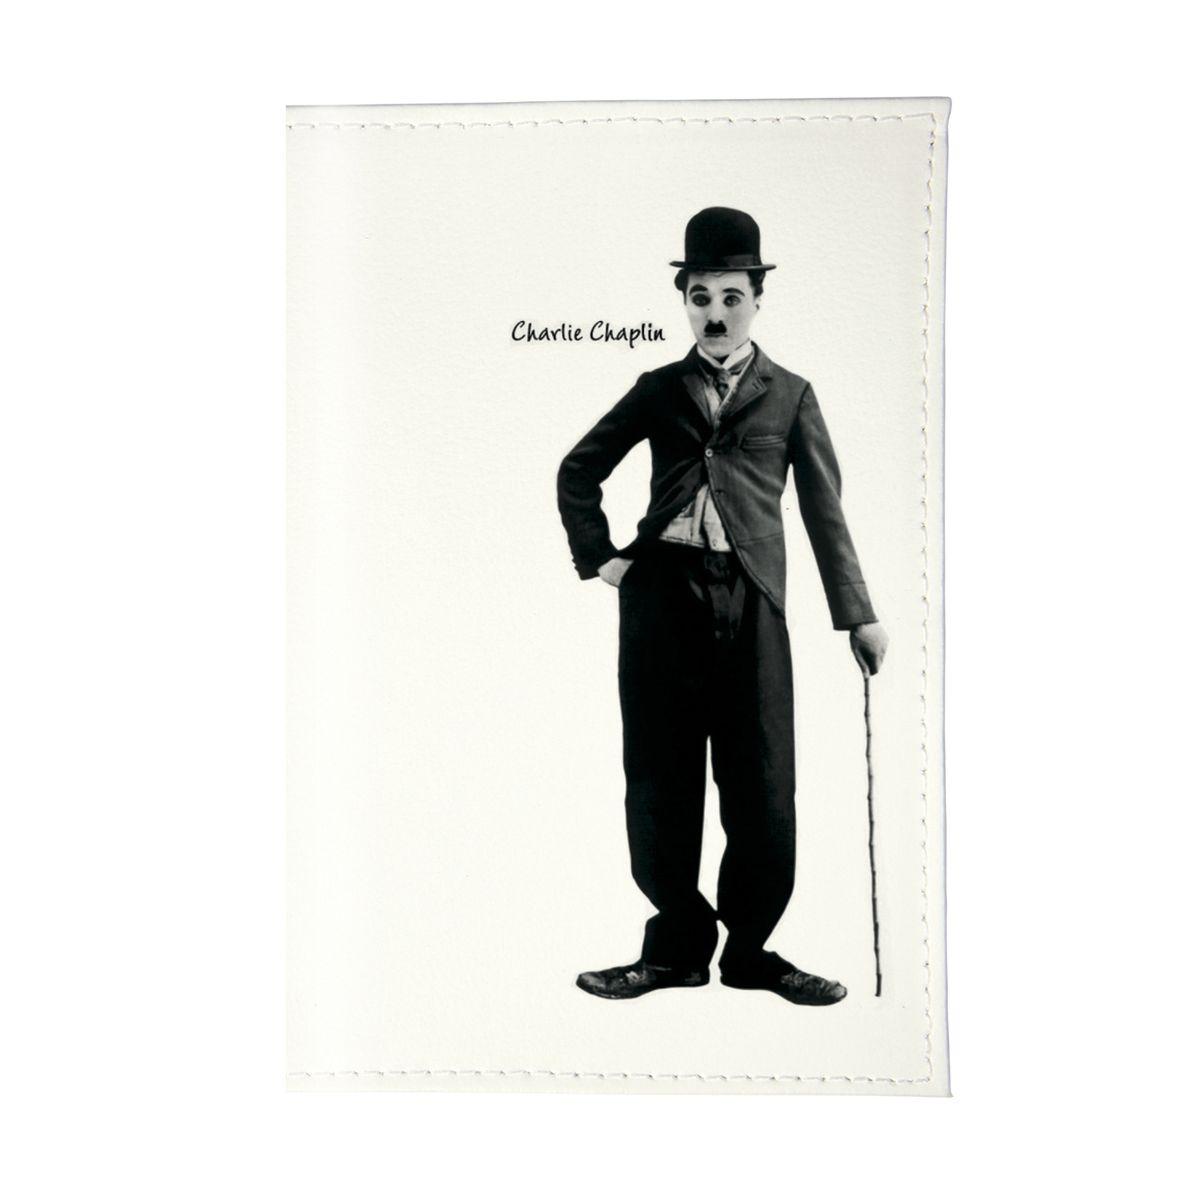 Обложка для паспорта Чарли Чаплин. OZAM075OZAM075Стильная обложка для автодокументов Mitya Veselkov не только поможет сохранить внешний вид ваших документов и защитить их от повреждений, но и станет стильным аксессуаром, идеально подходящим вашему образу. Она выполнена из ПВХ, внутри имеет съемный вкладыш, состоящий из шести файлов для документов, один из которых формата А5.